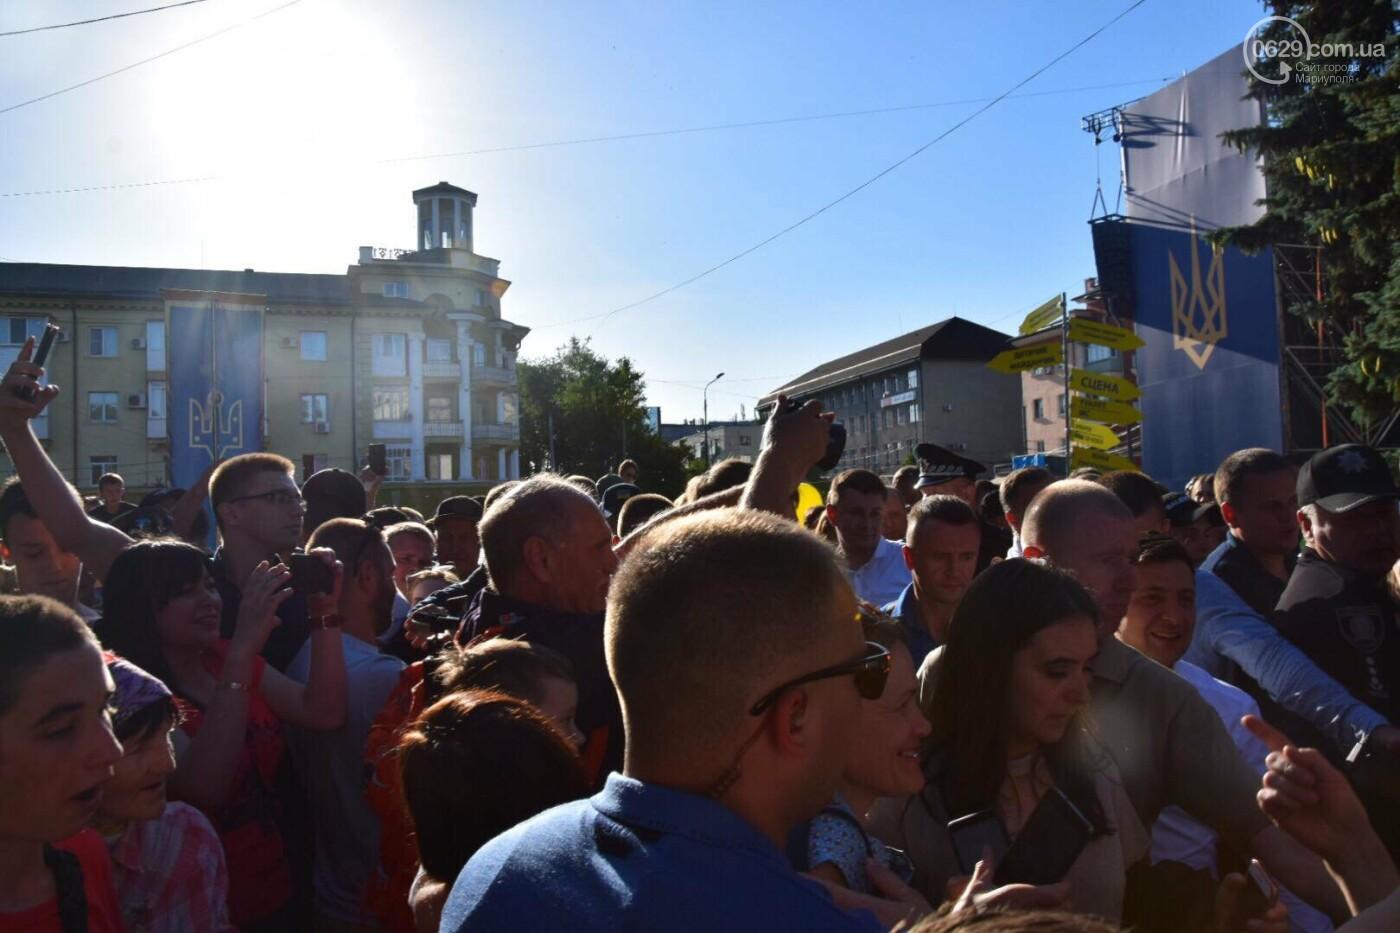 """Купание в фонтане, кукла за 700 гривен и первые обещания: чем закончилась """"охота"""" на Зеленского в Мариуполе, - ФОТО, ВИДЕО, фото-8"""